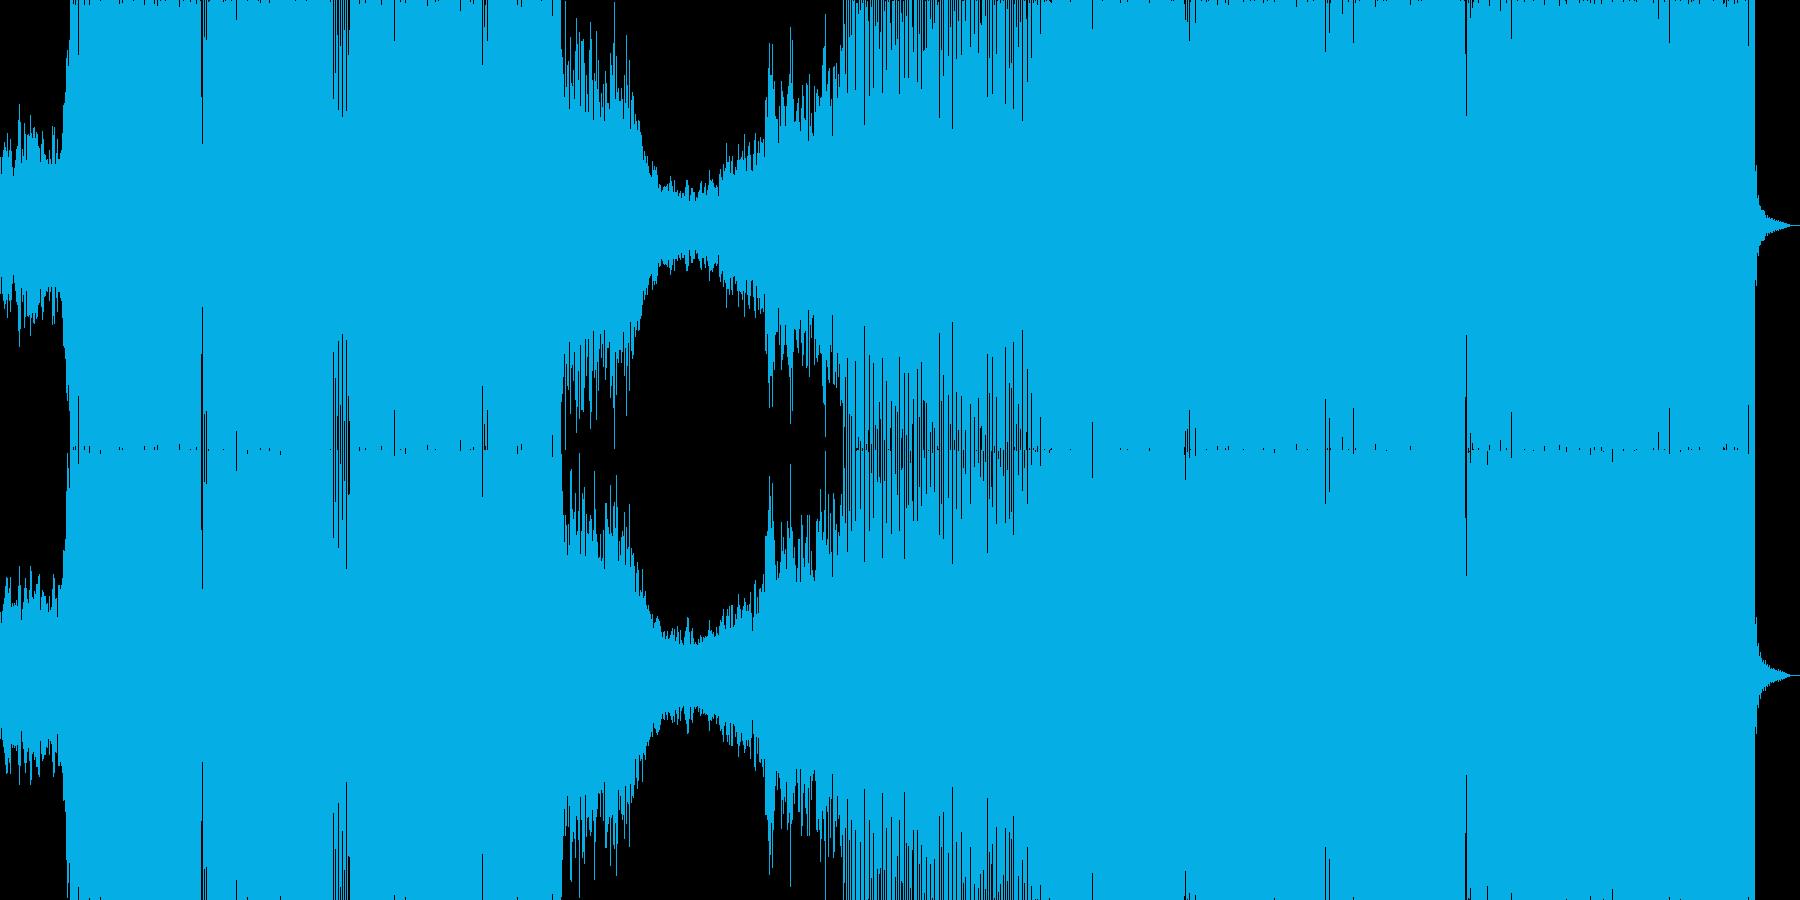 ゲームBGM風の爽やかなハウスサウンドの再生済みの波形